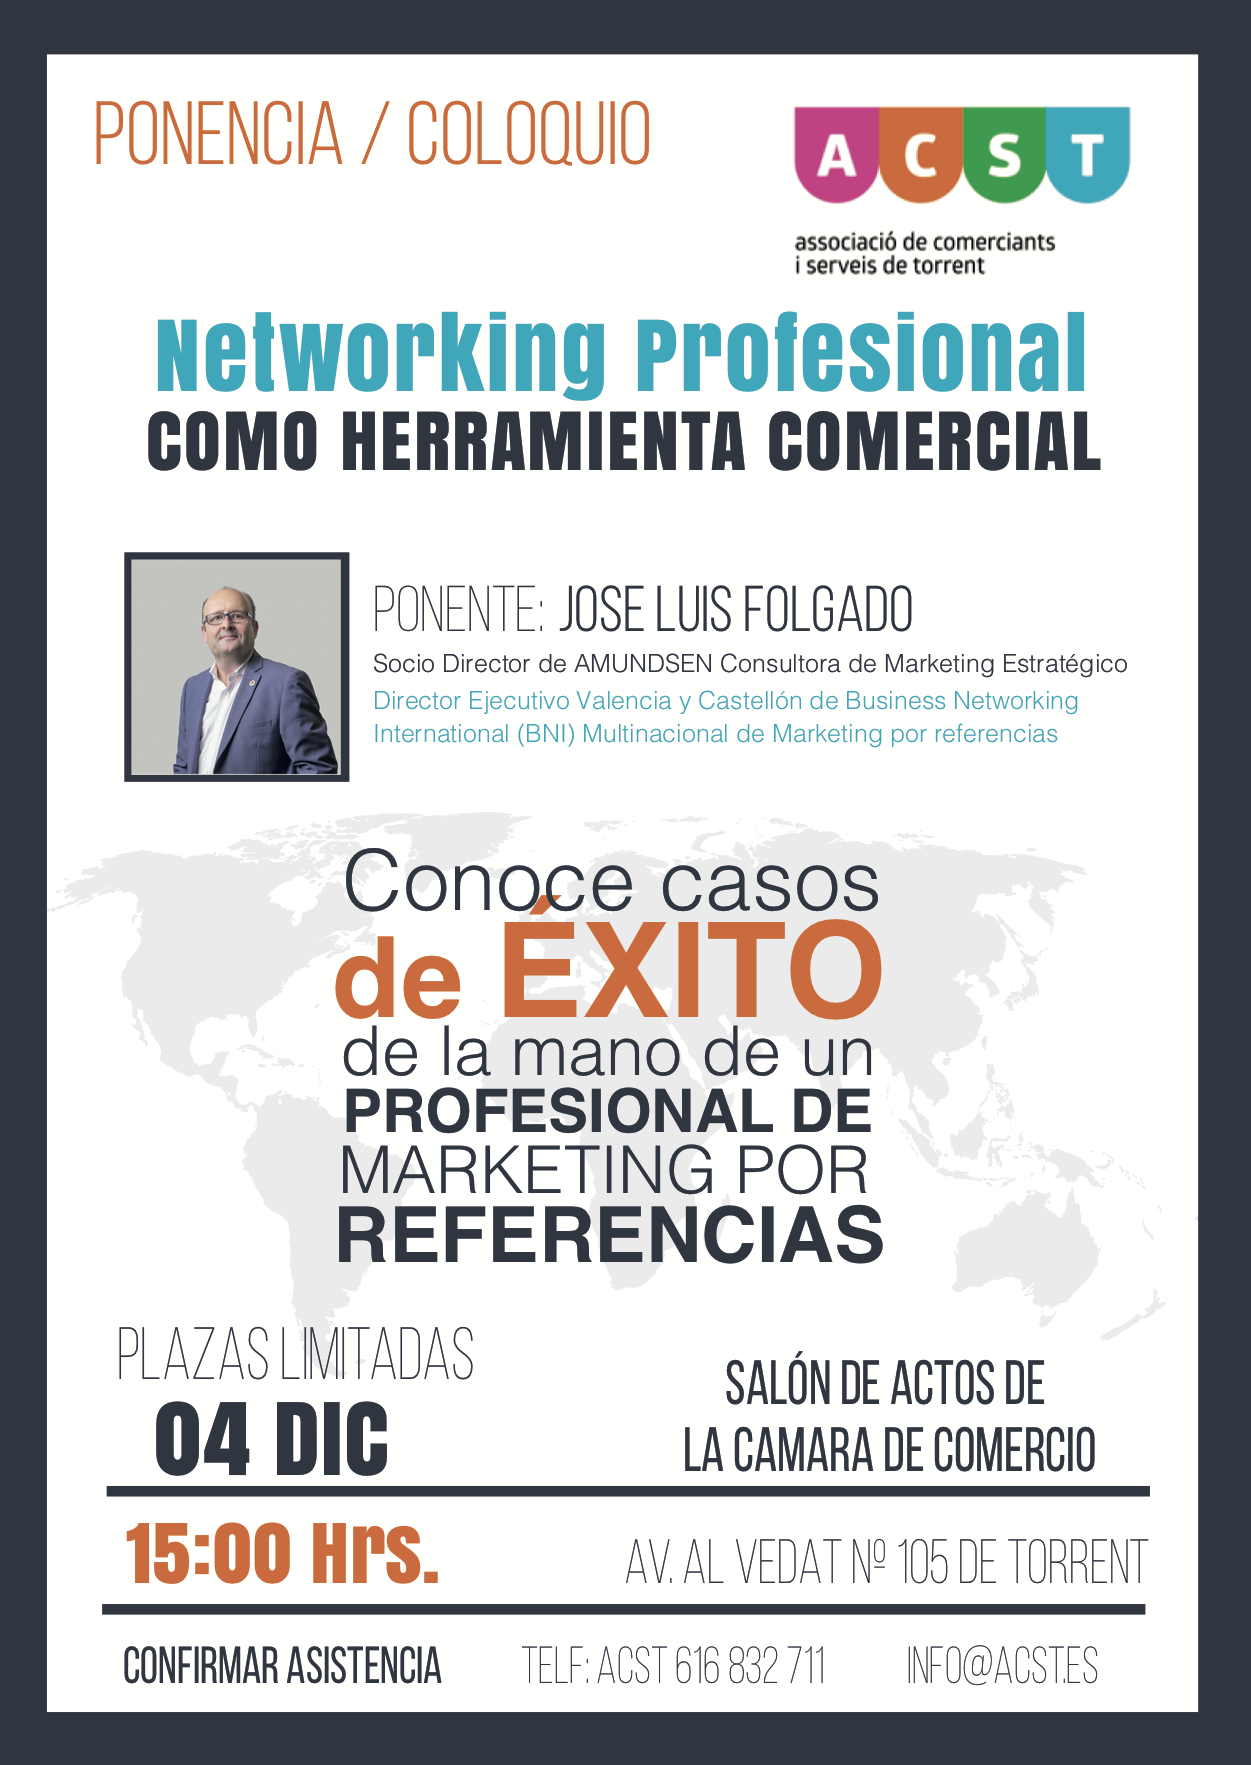 Charla Empresarial ACST. ¿Qué es el Networking? El Networking como Herramienta Comercial  (04.12.19) !!